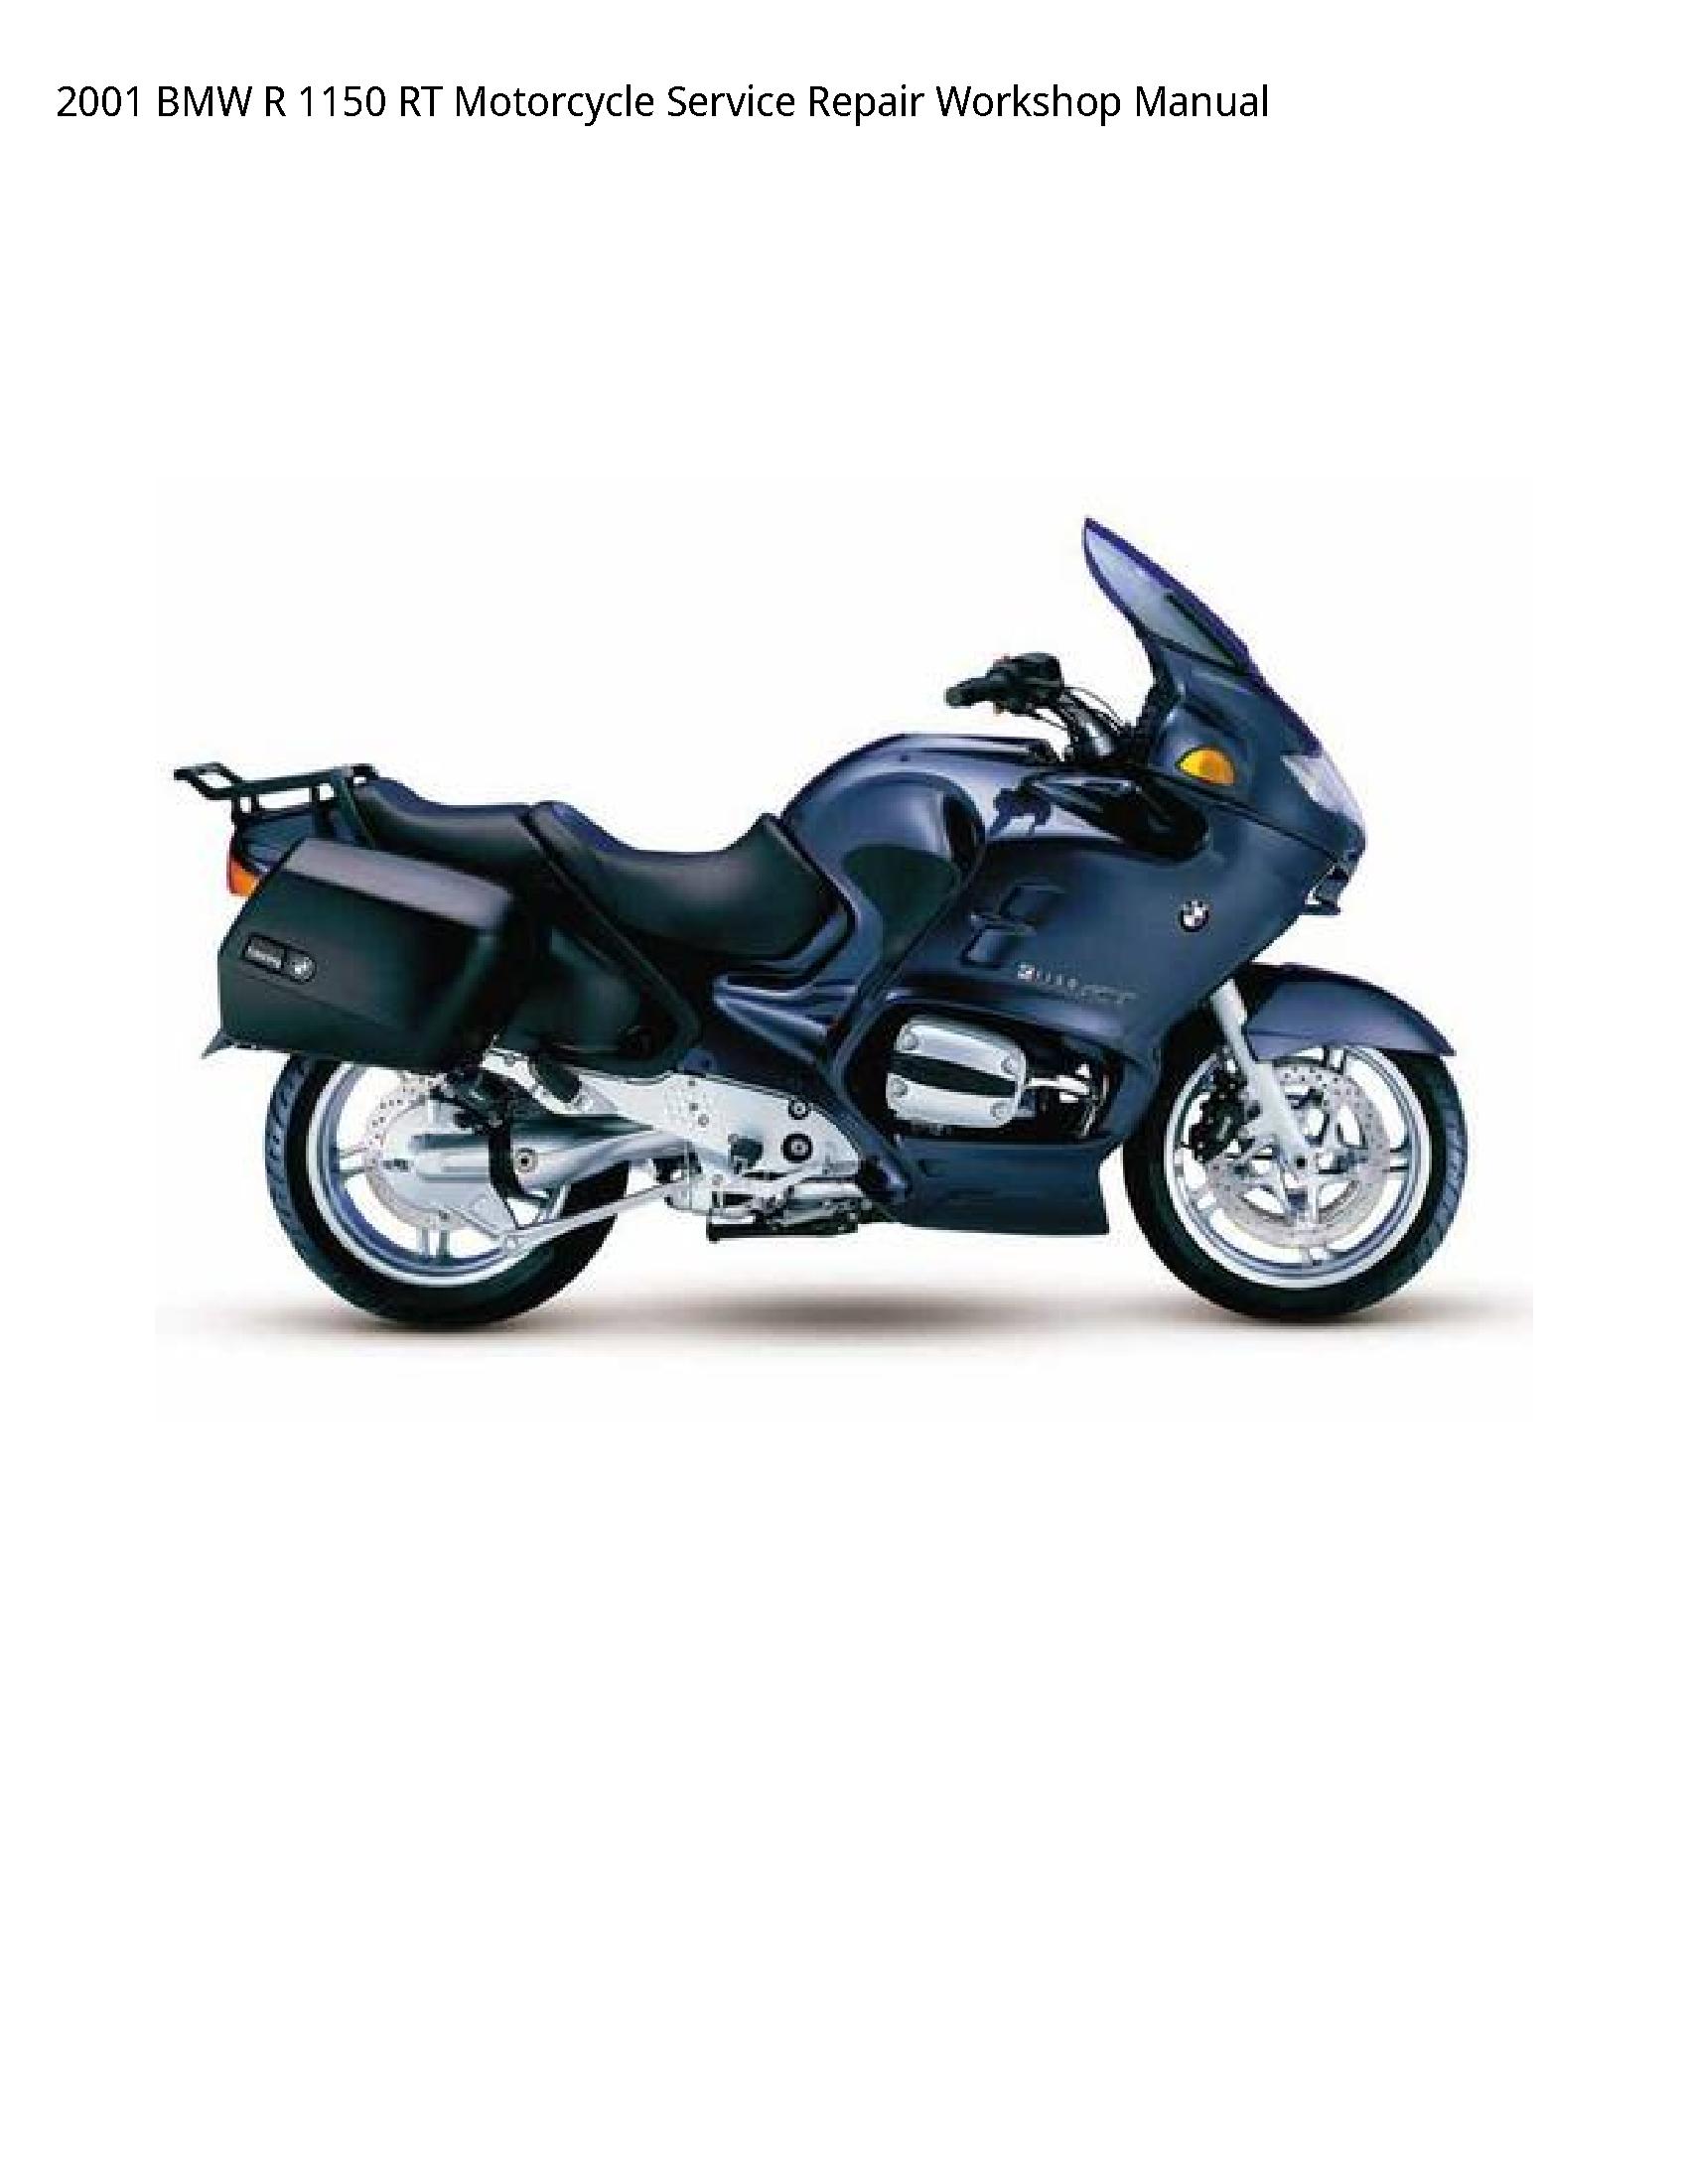 BMW 1150 RT Motorcycle manual